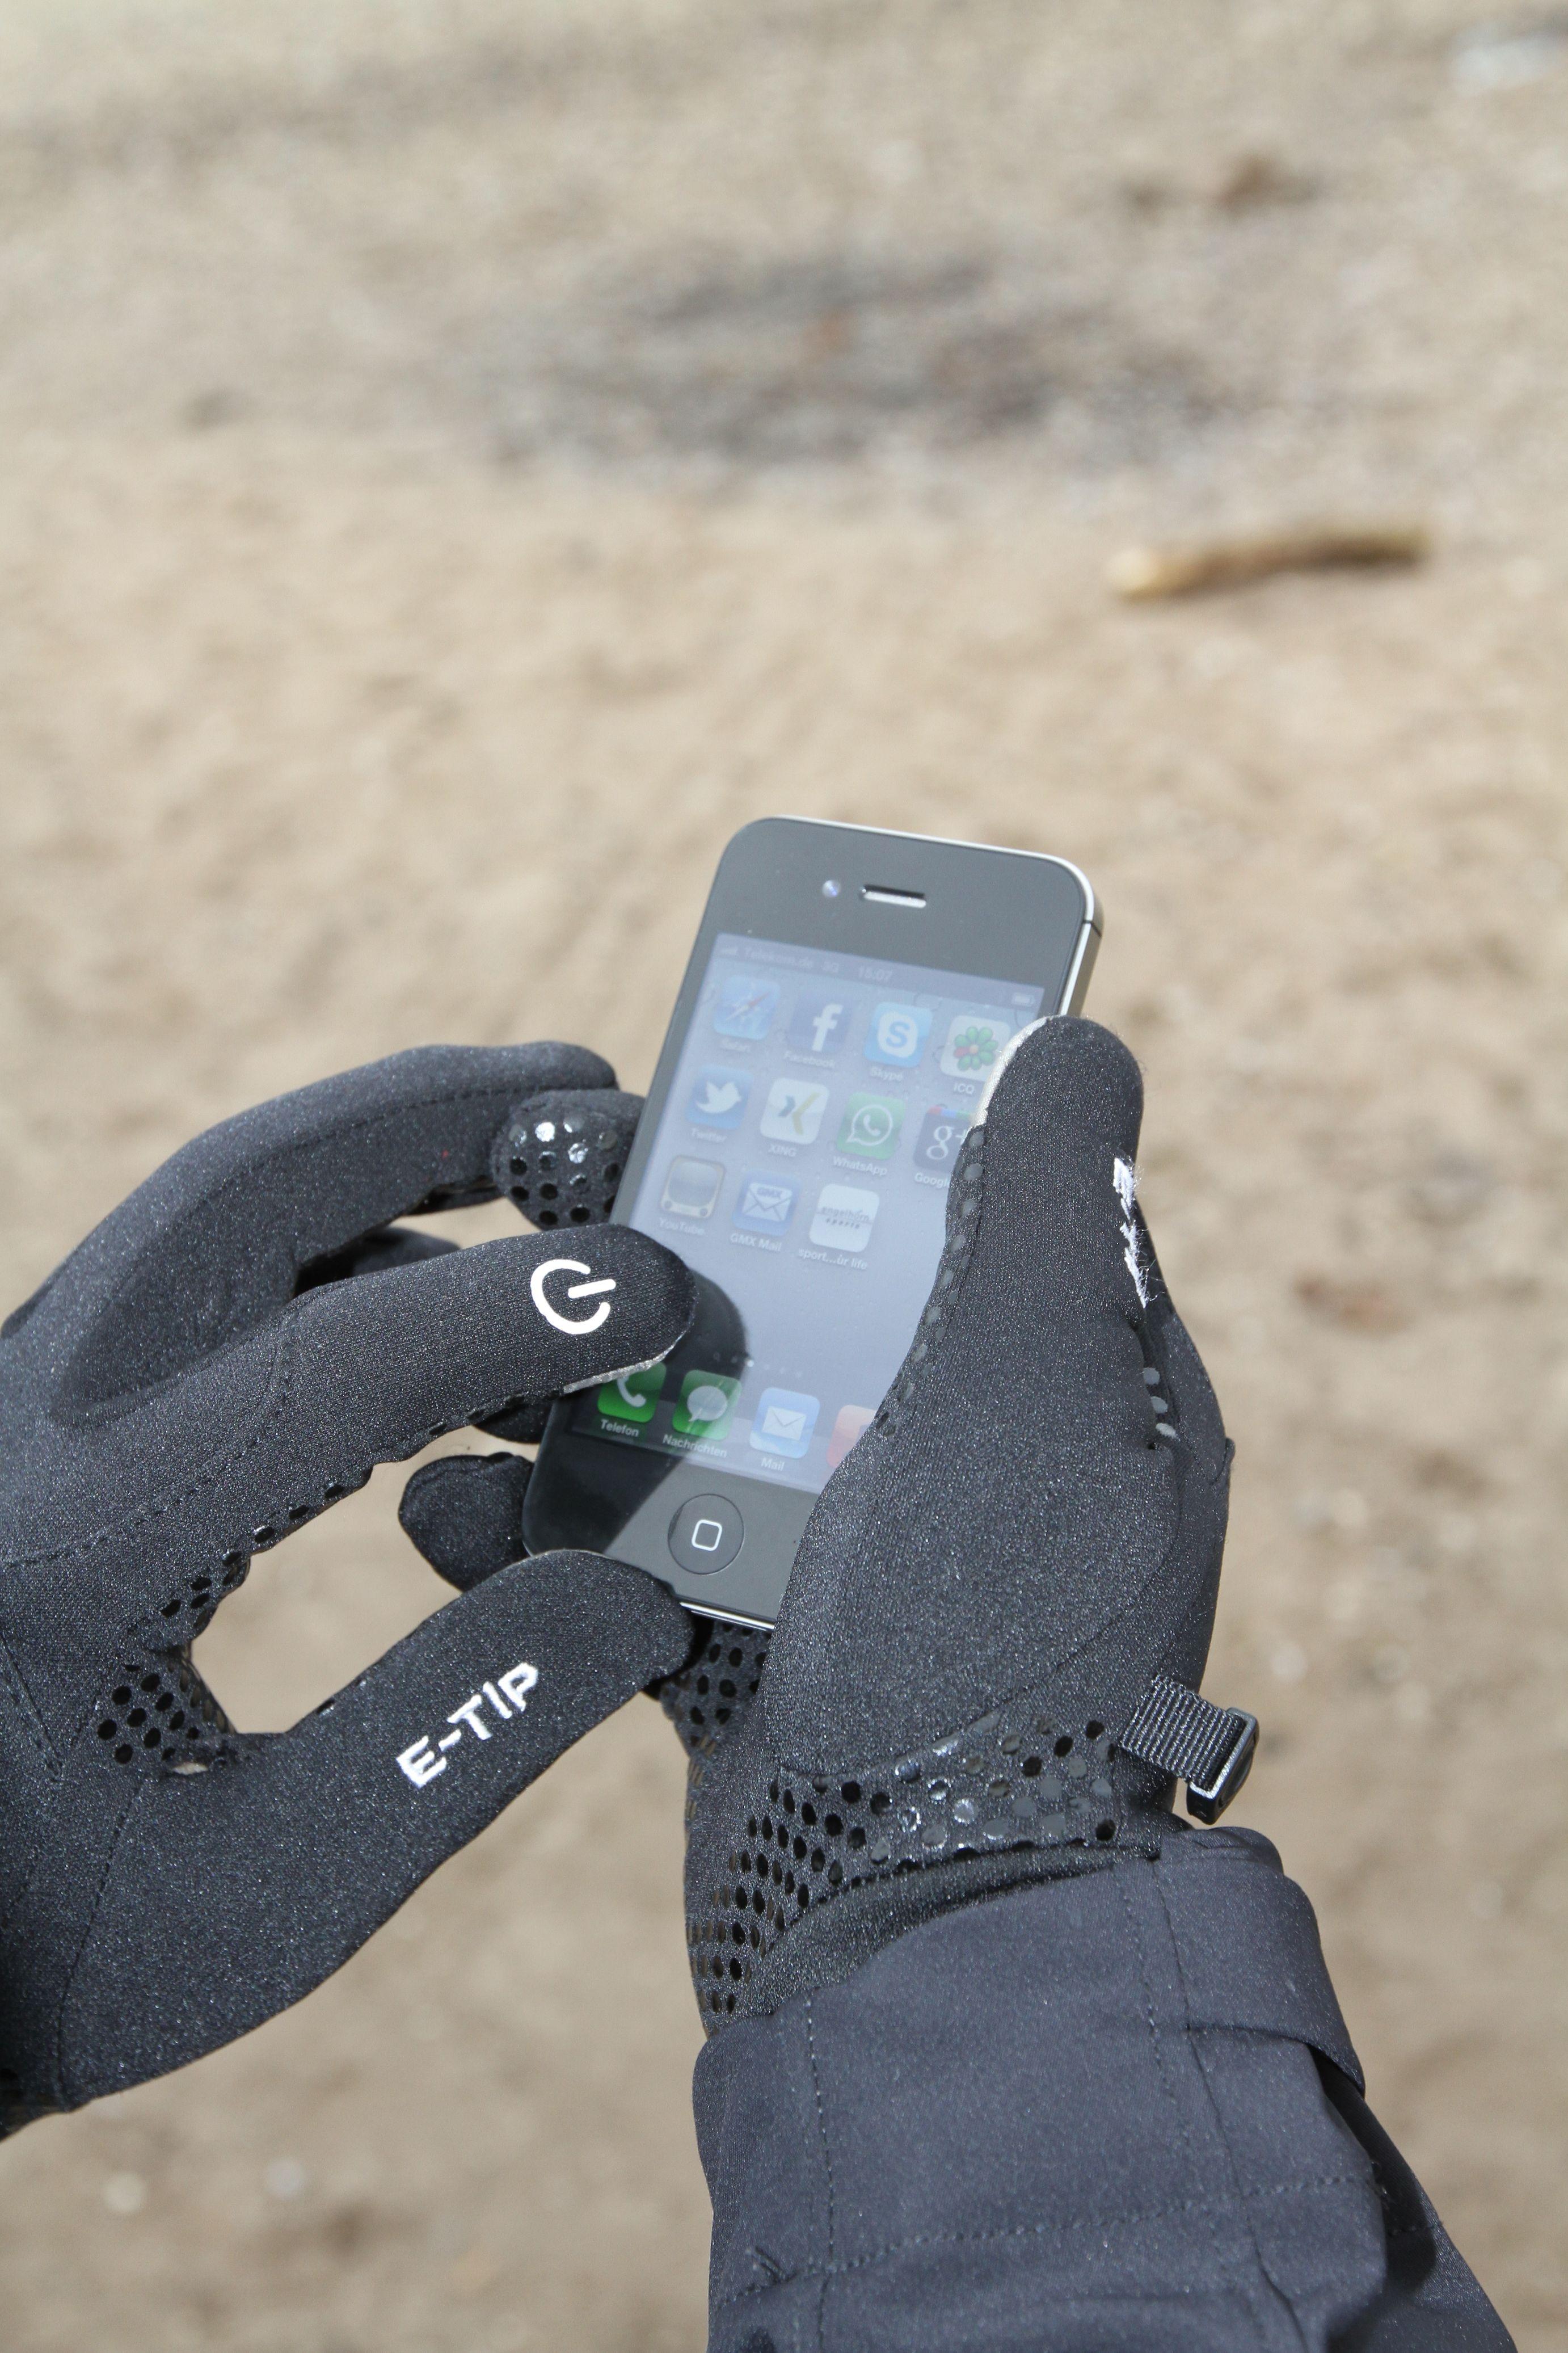 North Face Etip Glove vs. Etip Pamir Windstopper Glove: Ein Test